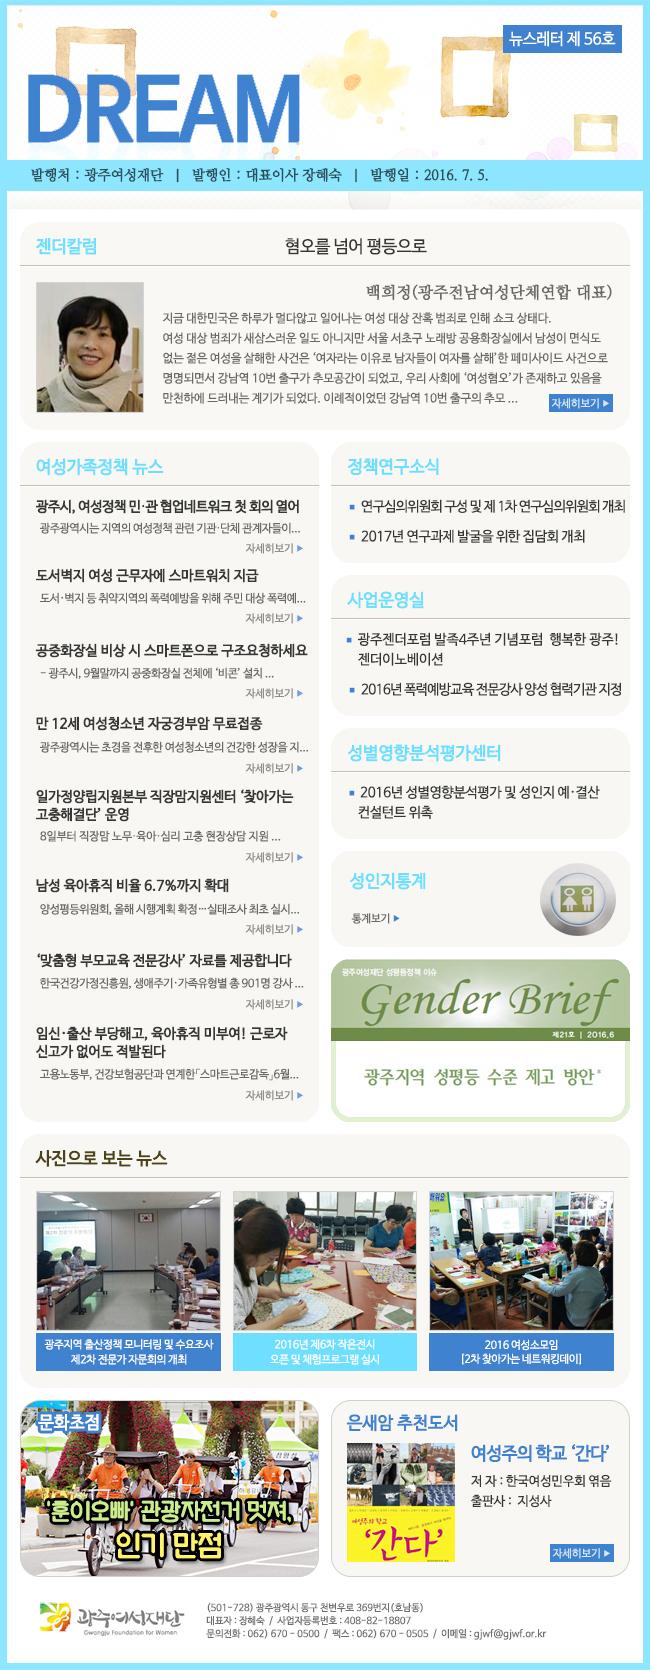 뉴스레터 드림 56호(16.7월) 썸네일